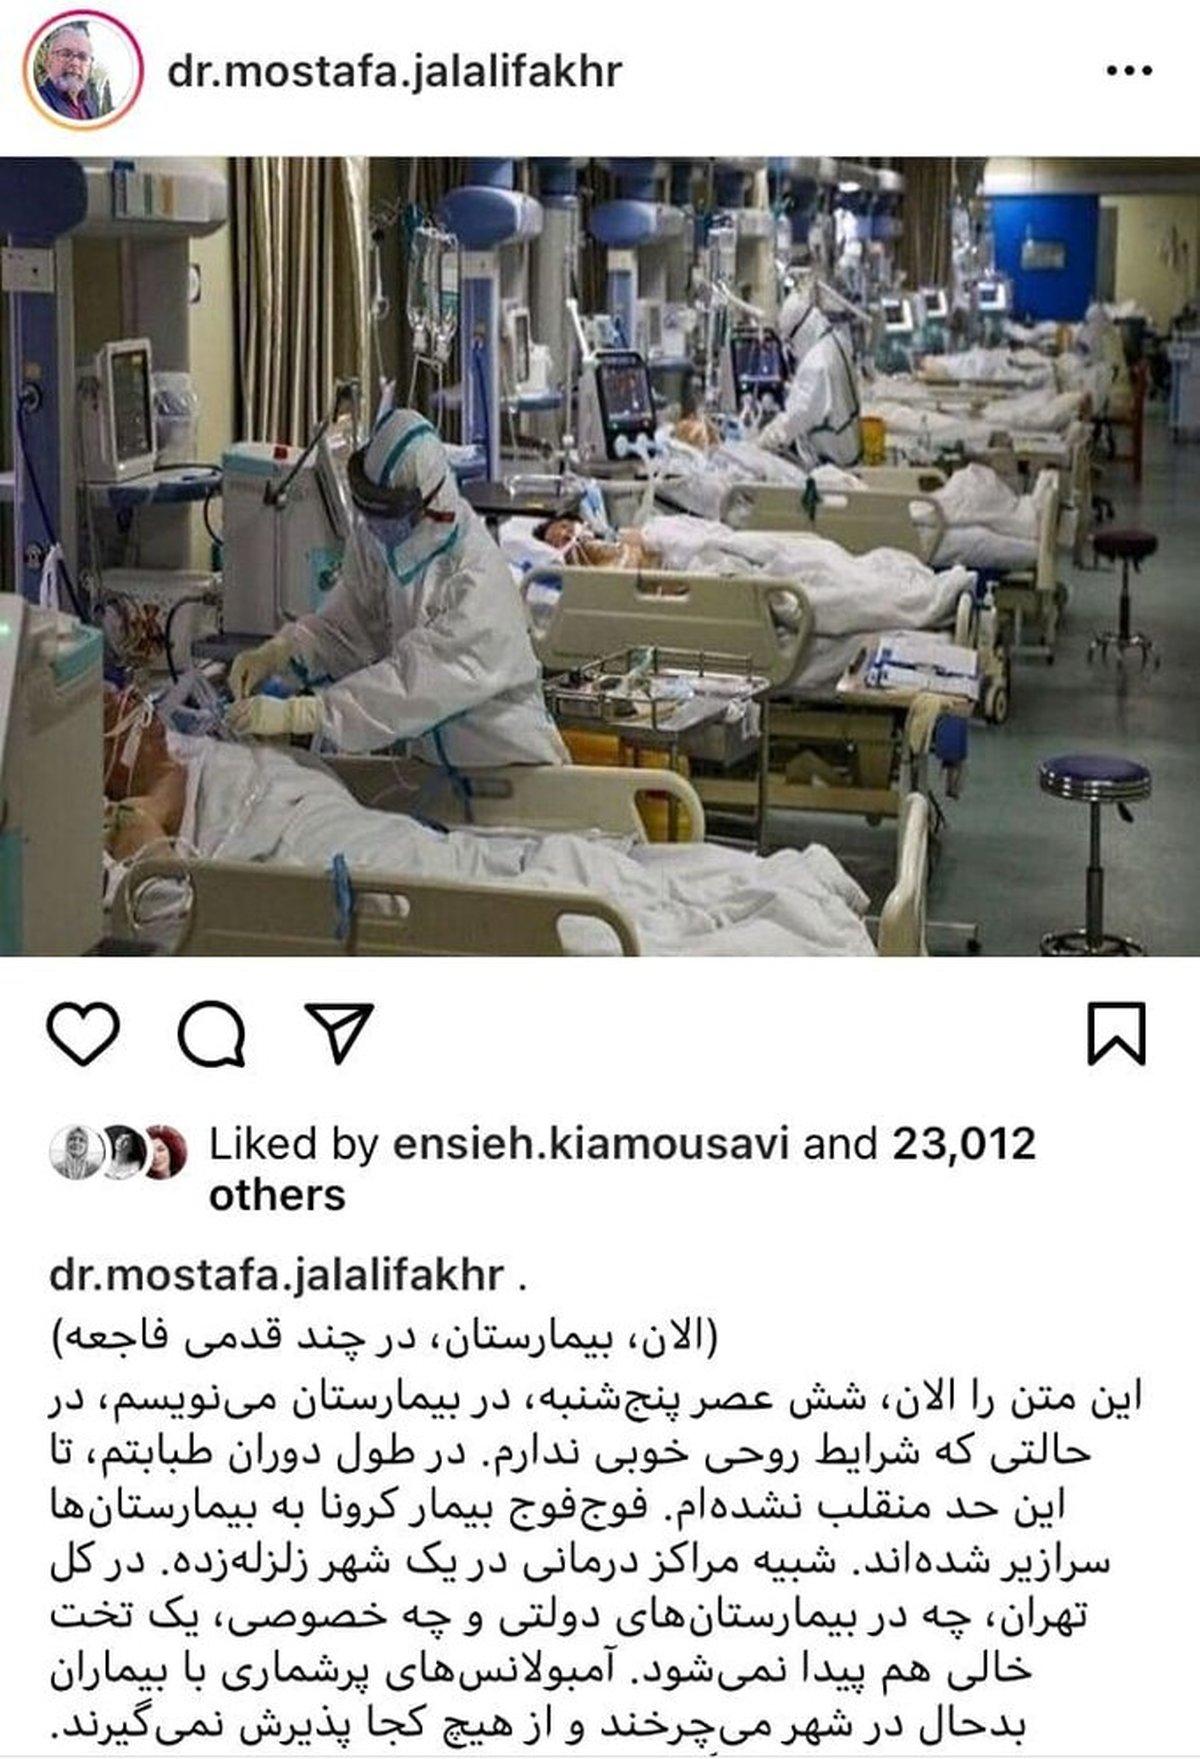 بیماران بدحال در شهر  | حال و روز بیمارستانهای تهران +عکس